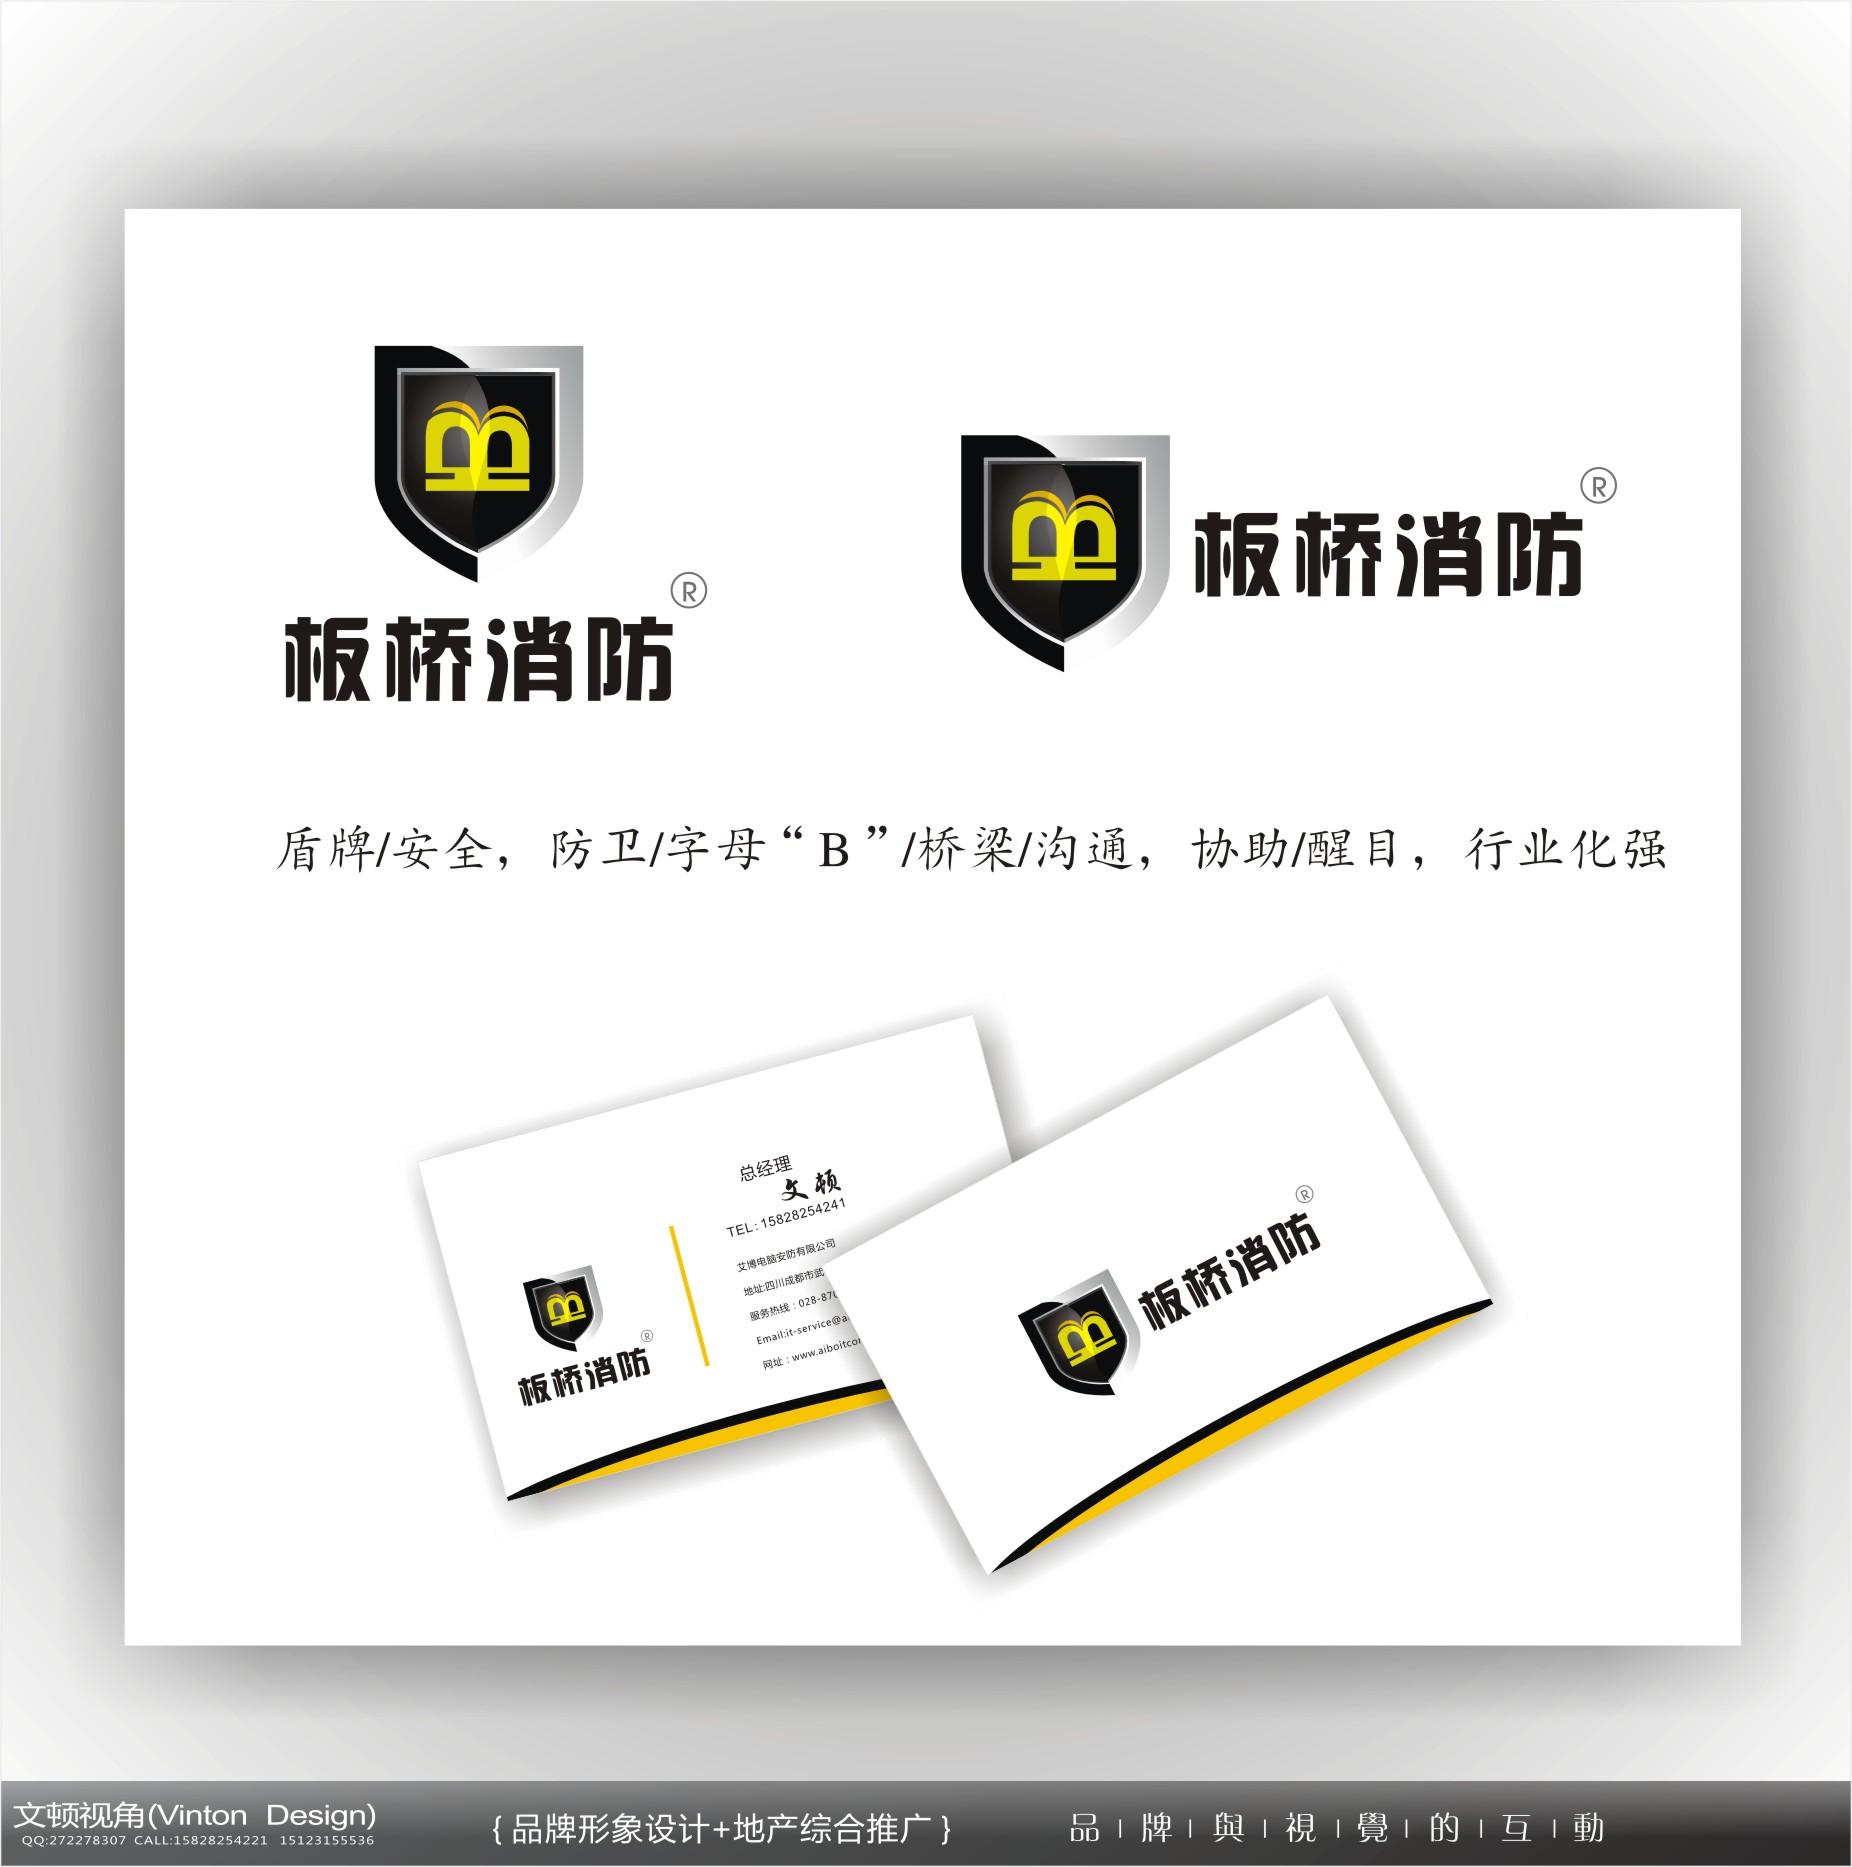 消防公司logo和名片设计